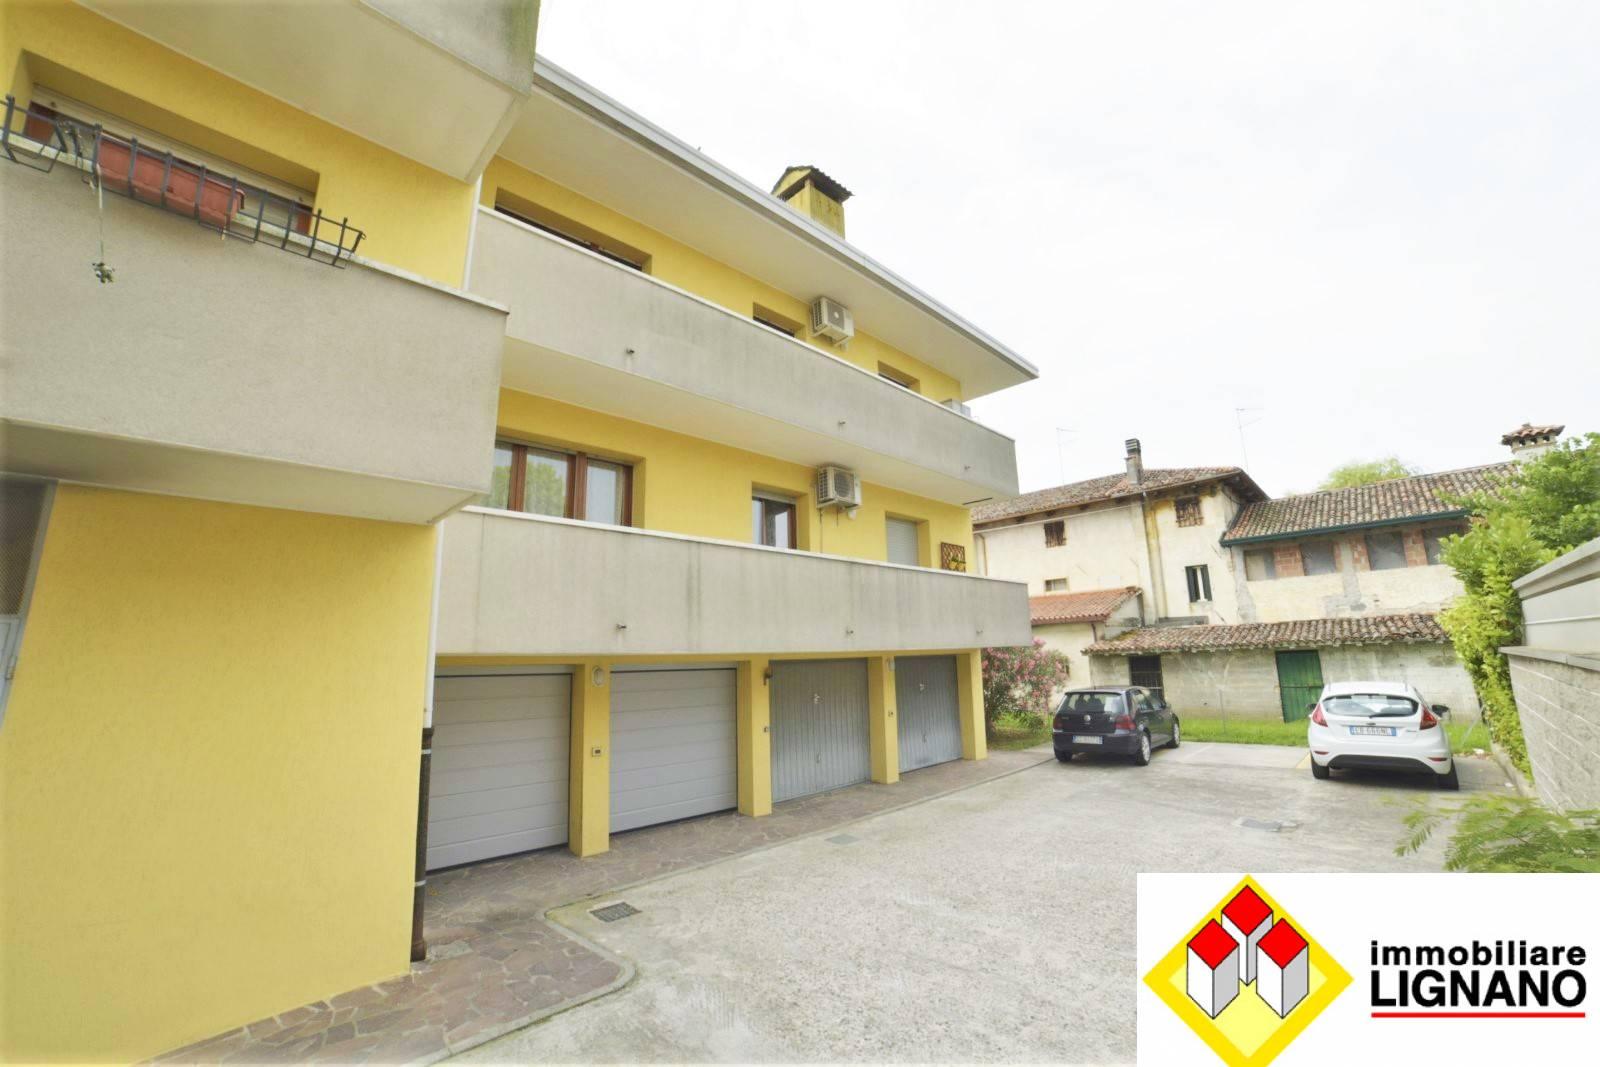 Appartamento in vendita a Latisana, 4 locali, zona egada, prezzo € 98.000 | PortaleAgenzieImmobiliari.it